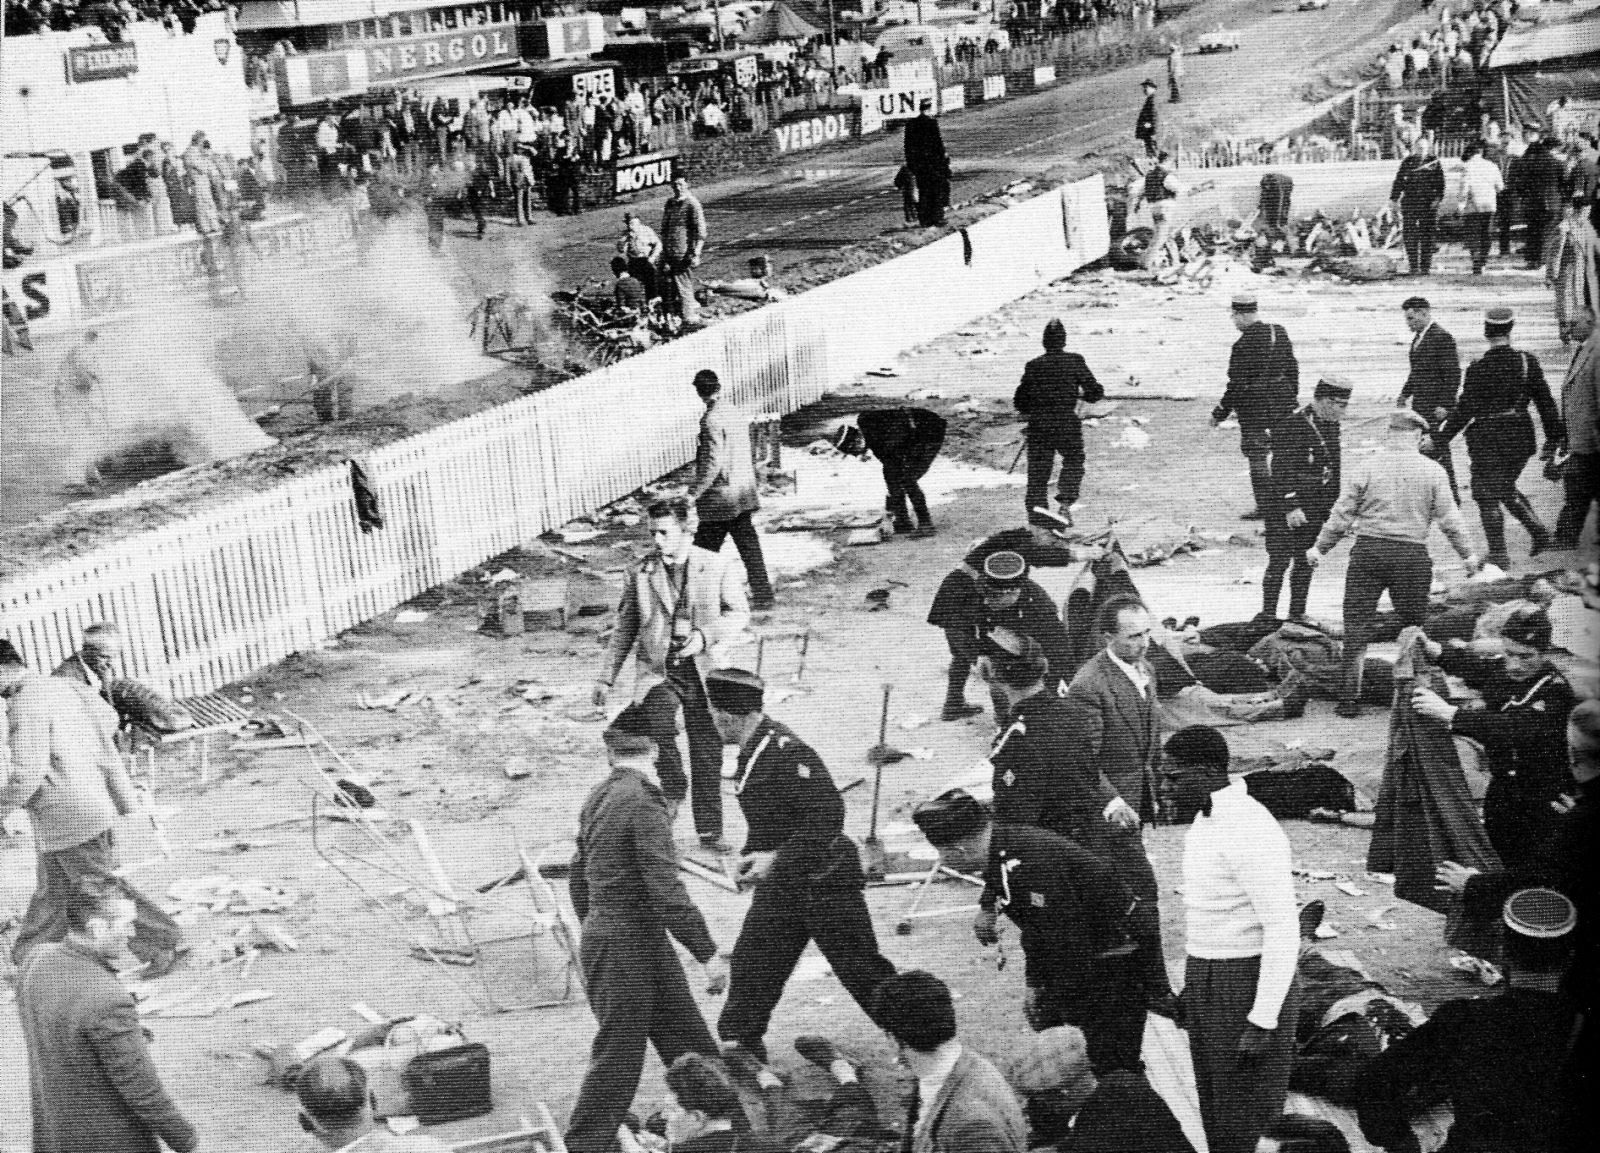 11 juin 1955 – Tragédie aux 24 heures du Mans